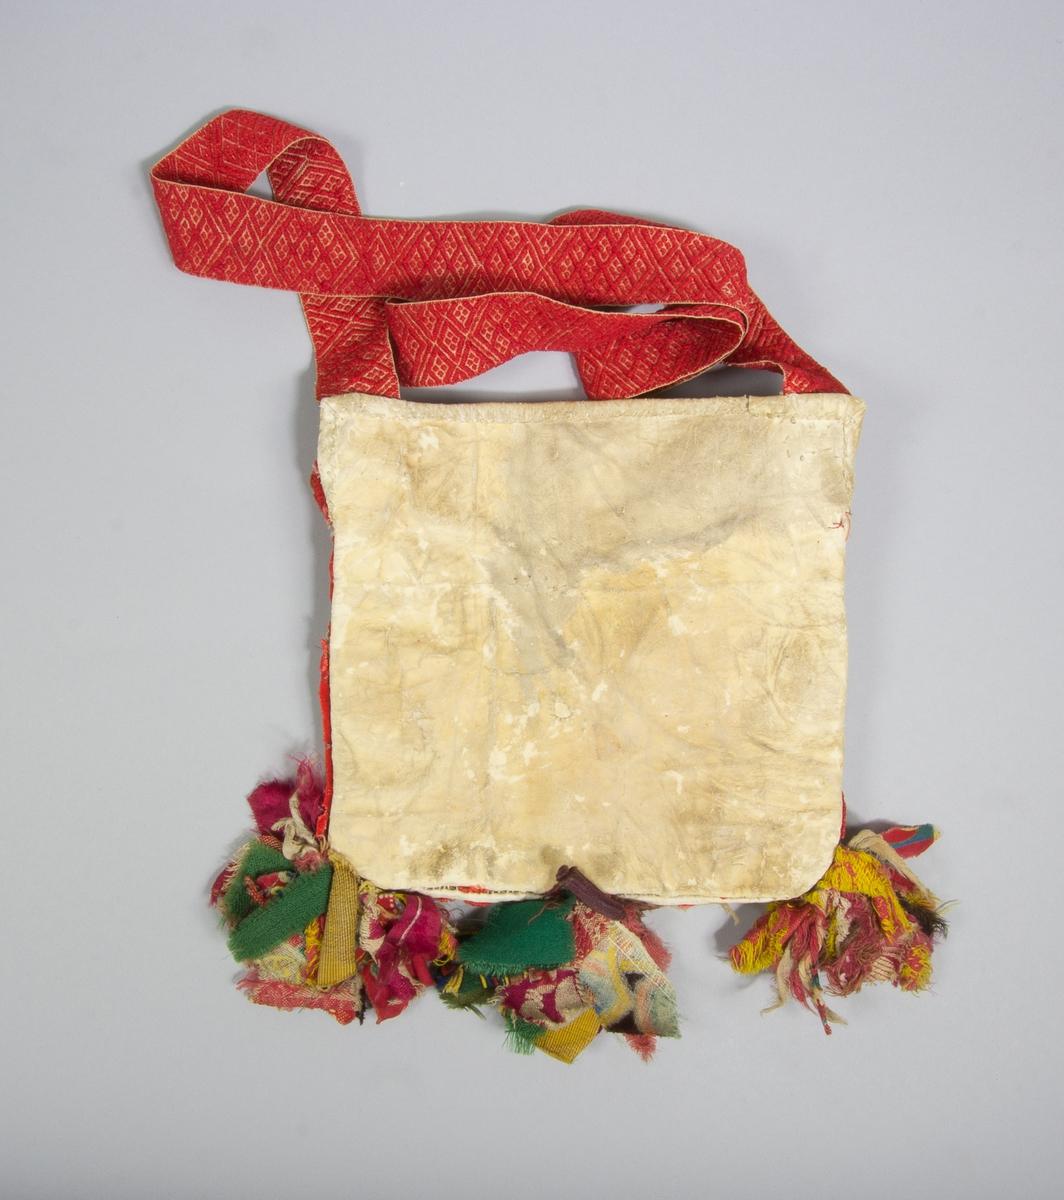 """Kjolsäck till dräkt för kvinna från Rättviks socken, Dalarna. Modell med avskuret framstycke. Tillverkad av vitt fårskinn, med applikationer av ylletyg, kläde, i rött, grönt och gult, fastsydda med lingarn, efterstygn. Centralt placerad stor hjärtblomma med omgivande mindre blommor i hörnen och andra figurer. Broderi utfört med silkegarn i många färger: flätsöm, plattsöm, sticksöm. Märkt med klippta tecken: BJ 1868. Extra dekoration av sju vita porslinsknappar. Ovanför applikaionen en remsa rött kläde med flätsöm, ovanför den en """"grind"""" flätad av smala remsor rött och grönt kläde samt vitt skinn. Framstycket fodrat med vitt fabriksvävt bomullstyg, tuskaft. En remsa rött kläde inlagd i sido- och bottensöm. I nederkanten fäst tre tofsar av olika tyger. Överstycke av bomullstyg, tryckt mönster i flera färger på röd botten, kattun. Bakstycke av vitt, rakat fårskinn. Axelband handvävt, med plockat mönster av rött ullgarn på vit botten. Vid bandets fäste sitter tre bollar av ullgarn."""